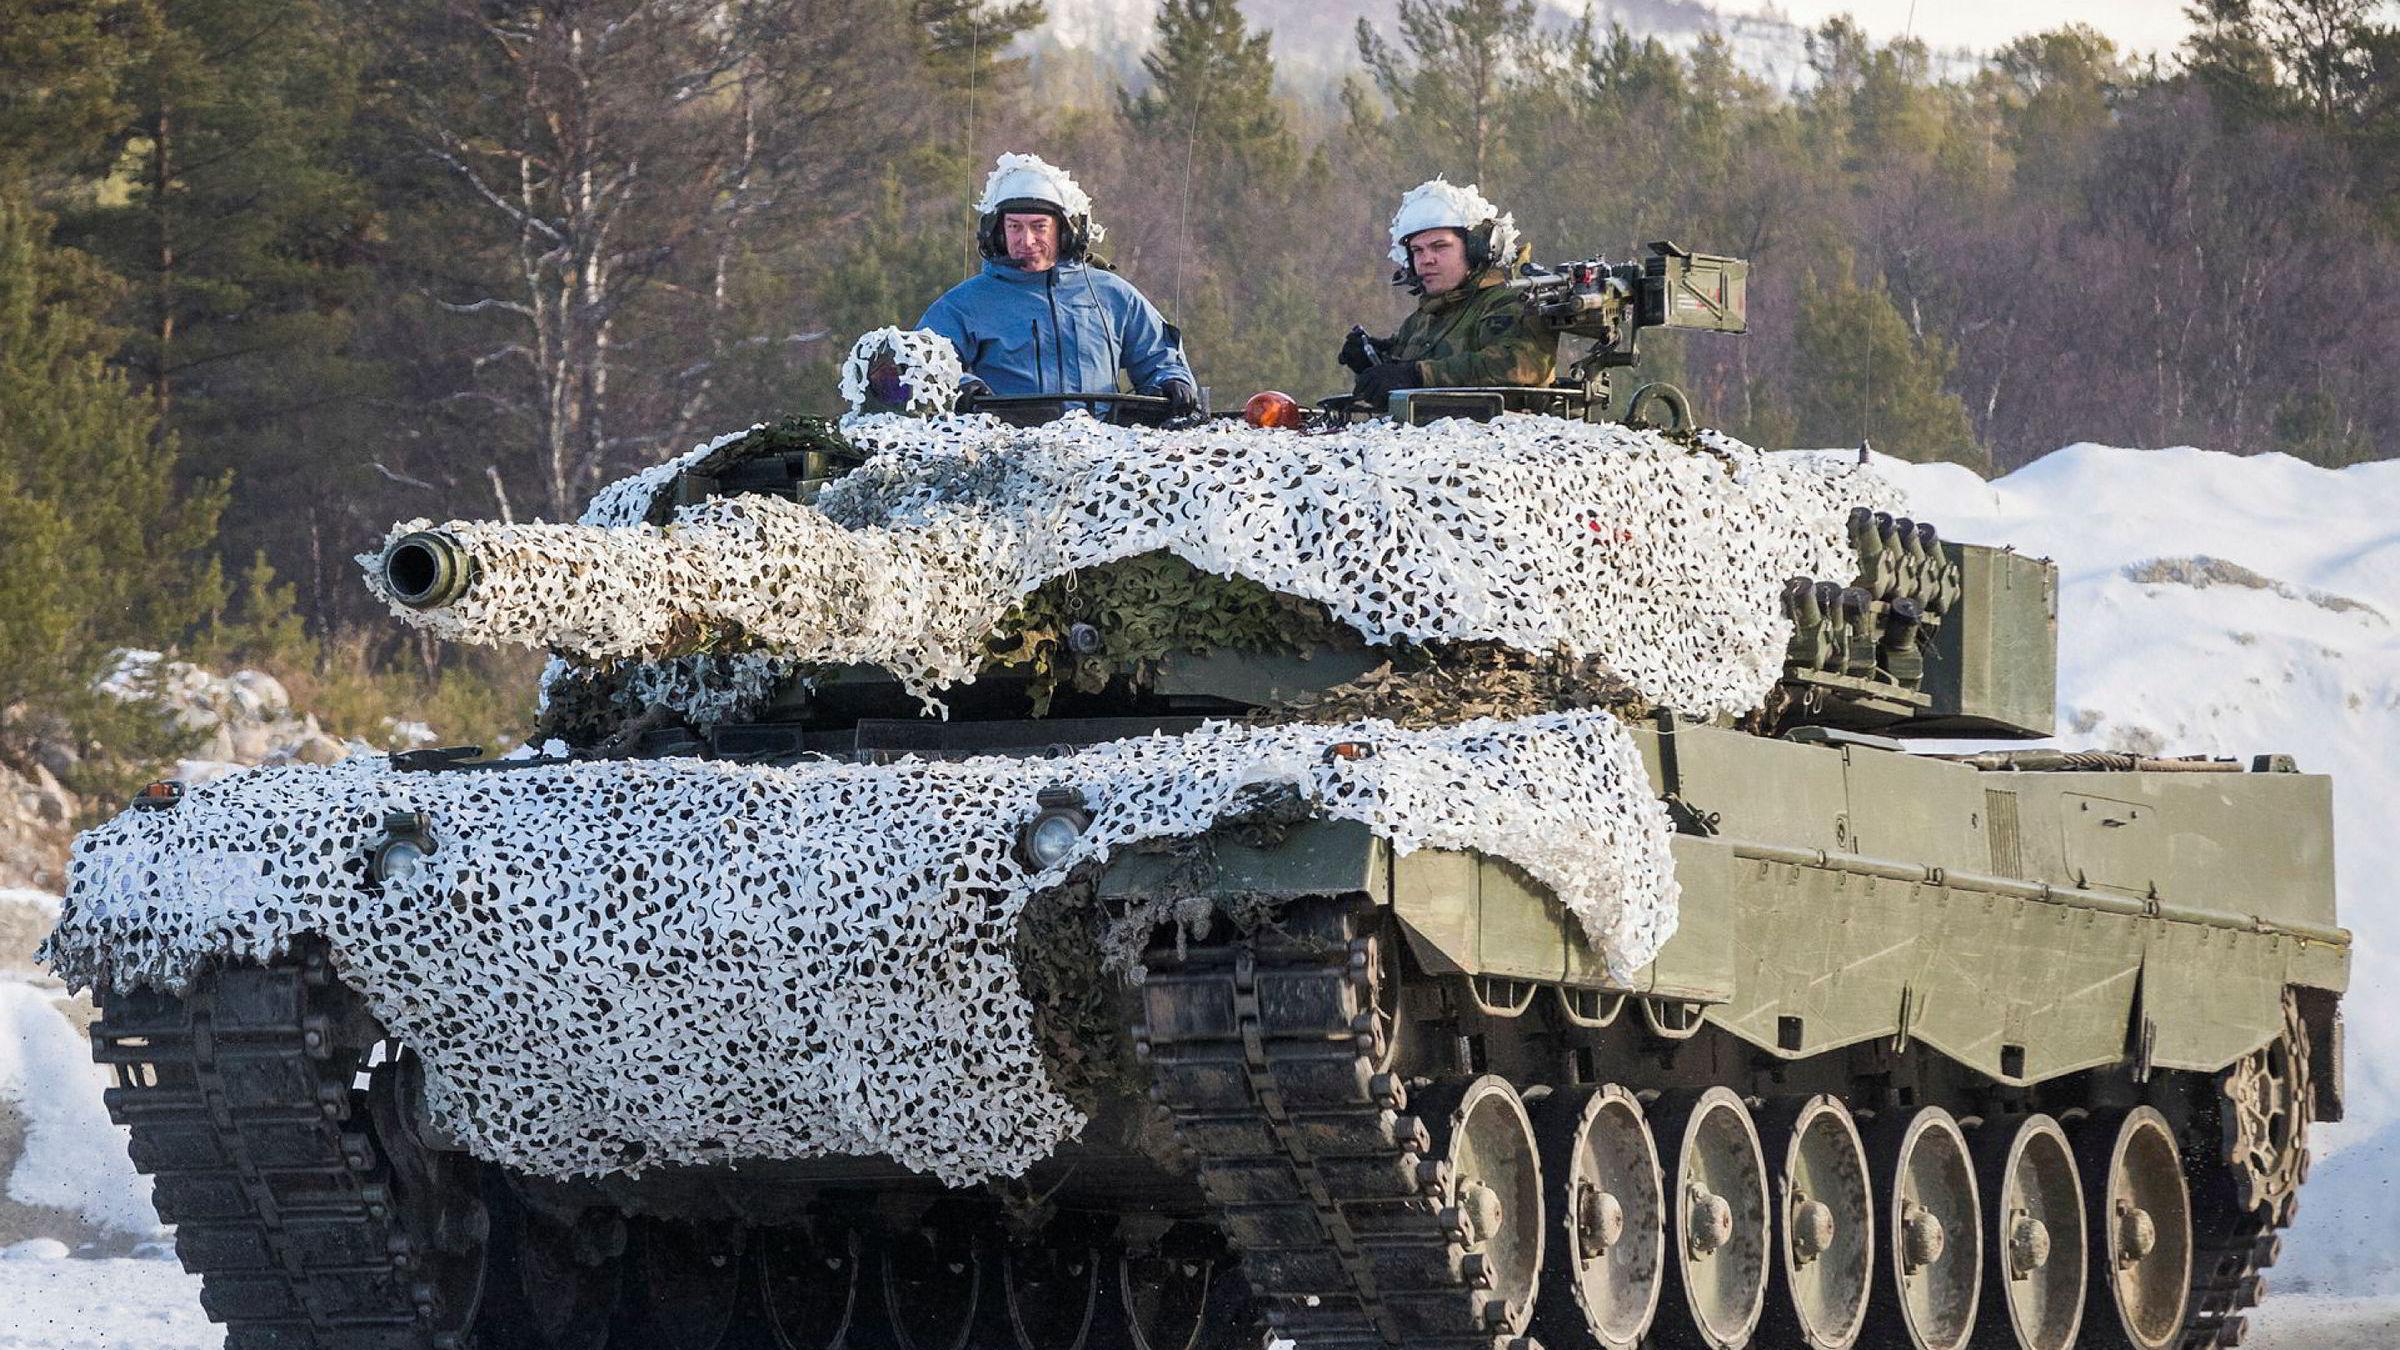 Forsvarsminister Frank Bakke-Jensen (H) fikk sitte på i en Leopard 2 stridsvogn da han besøkte Brigade Nord og Panserbataljonen i forbindelse med militærøvelsen Trident Juncture høsten 2018. Det er mer å hente på effektiv ressursbruk, mener artikkelforfatteren.